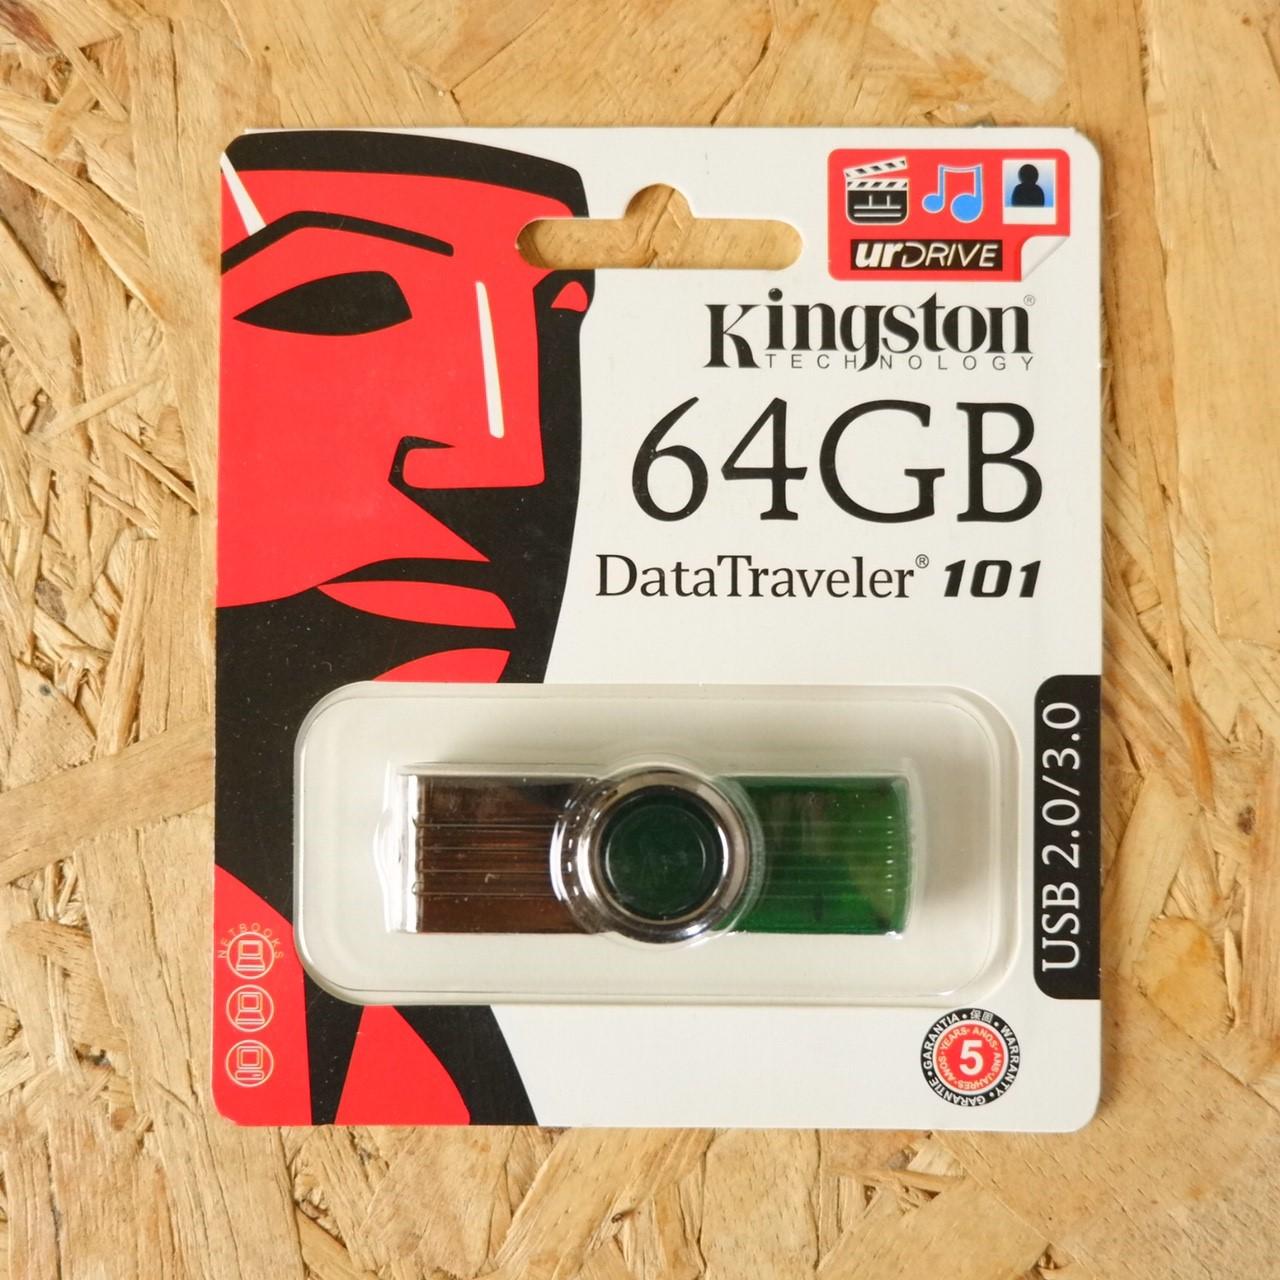 แฟลชไดร์ฟ Kingston USB 2.0/3.0 (ไม่รับประกัน)